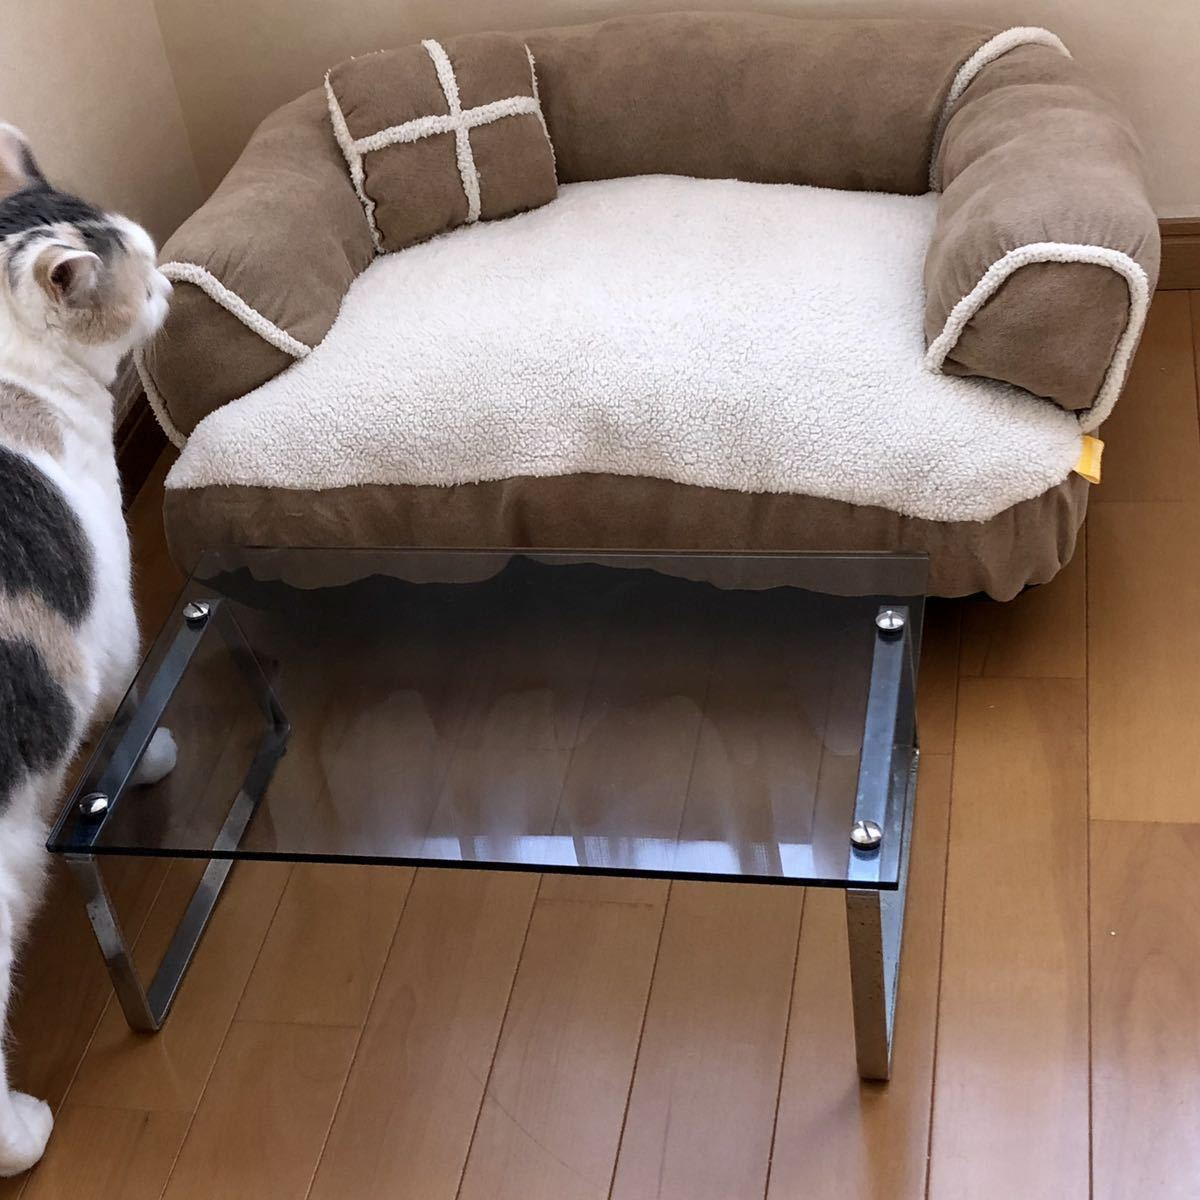 猫用ミニソファー・テーブル セット【SALE!】丸洗い洗濯済み! クッション付き